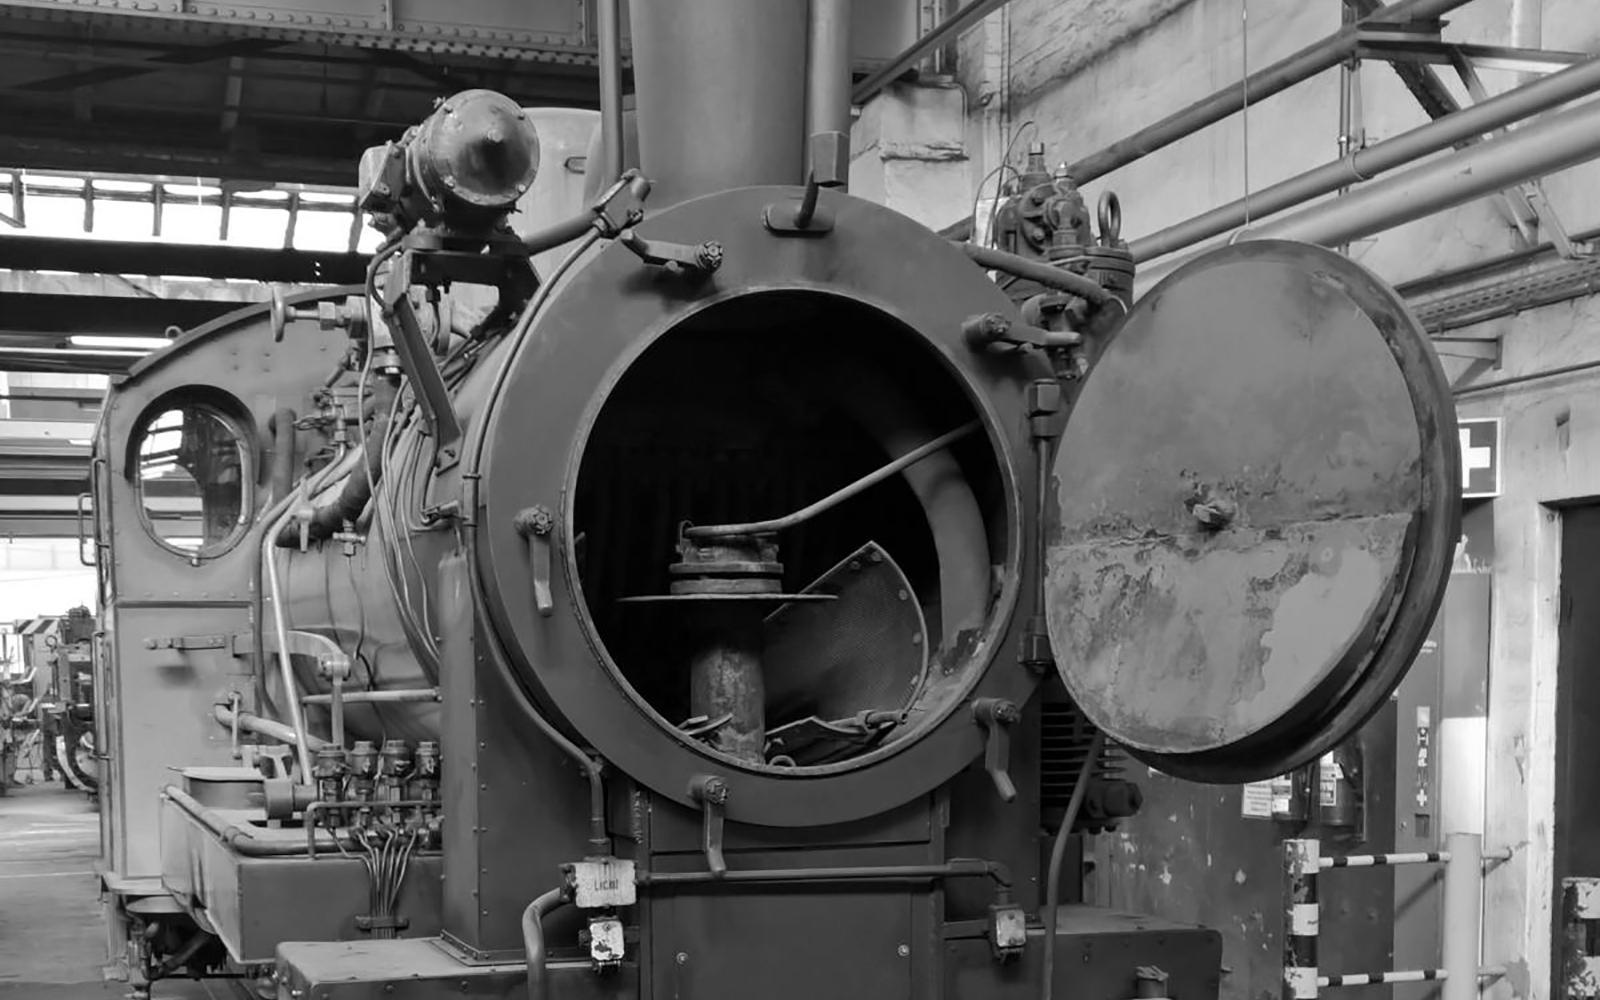 Foto: Christian Wodzinski - Blick in die Rauchkammer